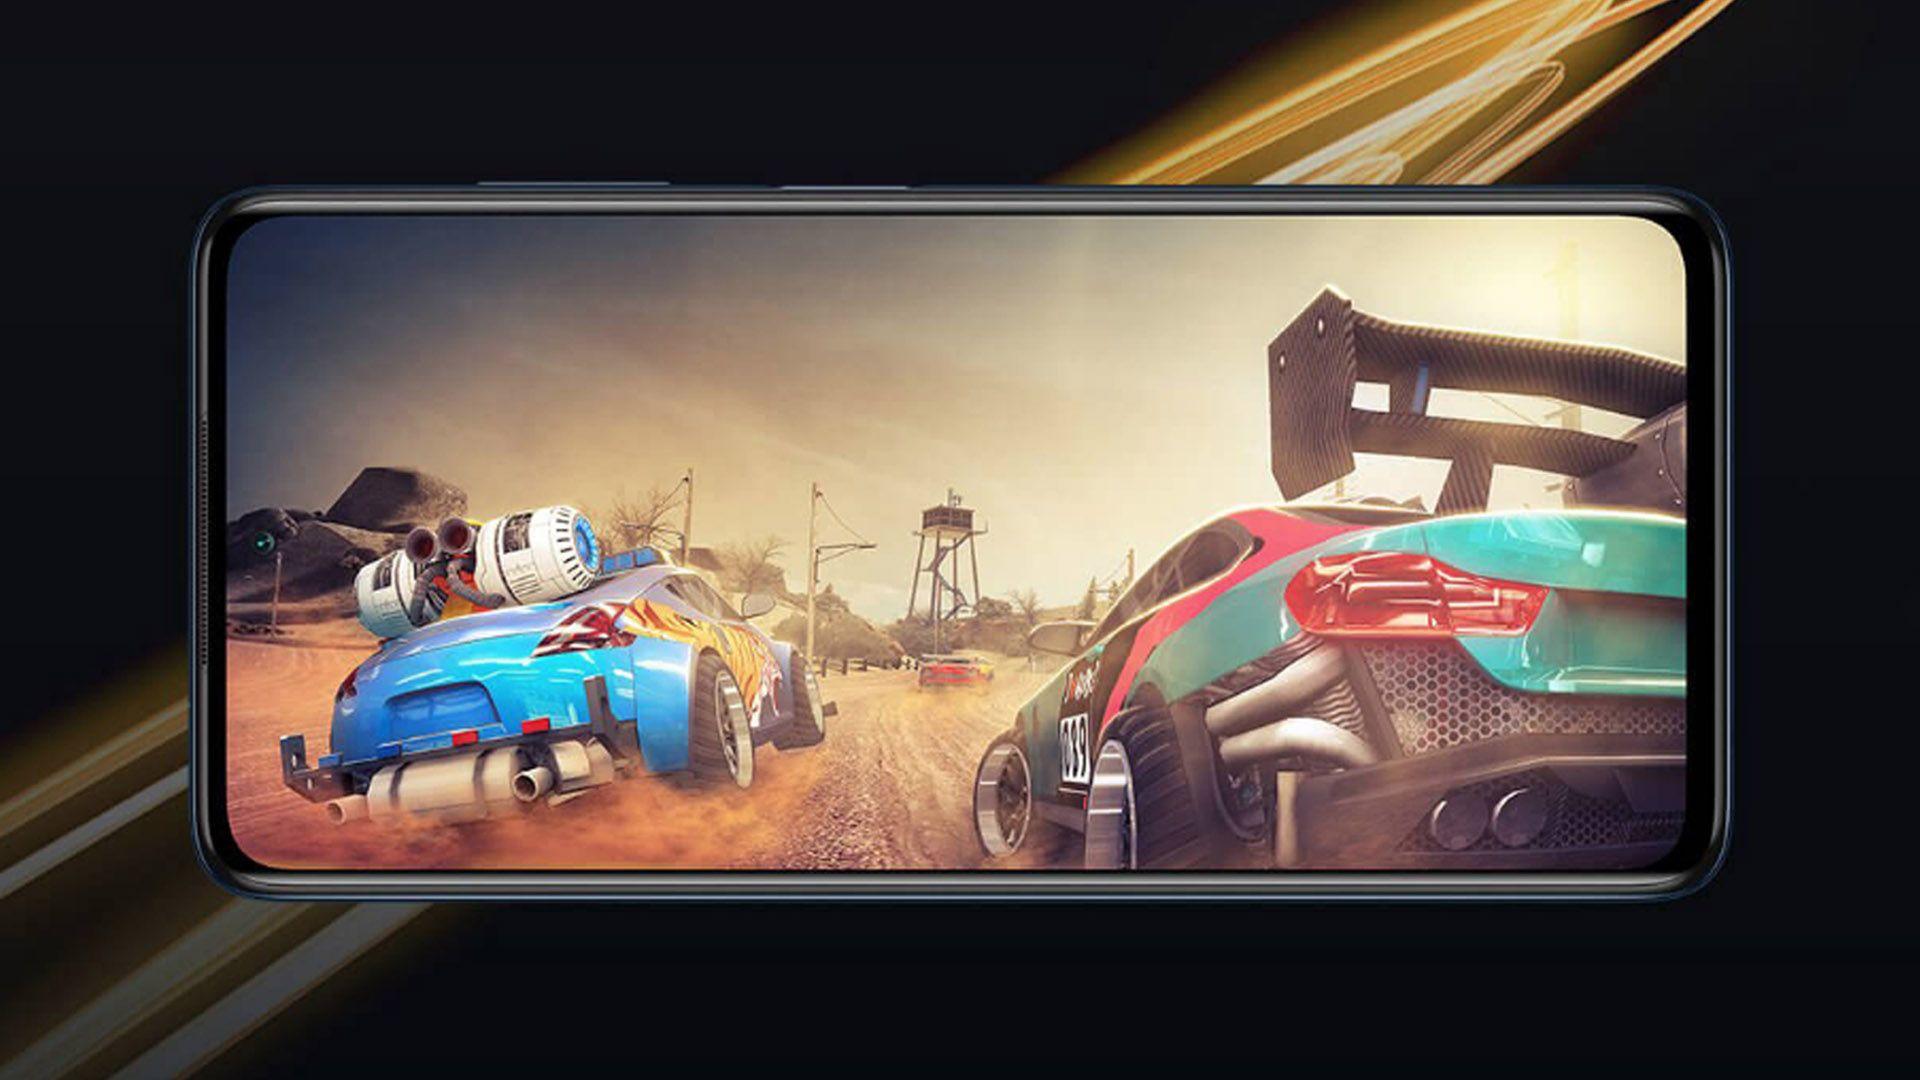 Parte frontal do Poco X3 Pro exibindo jogo de celular